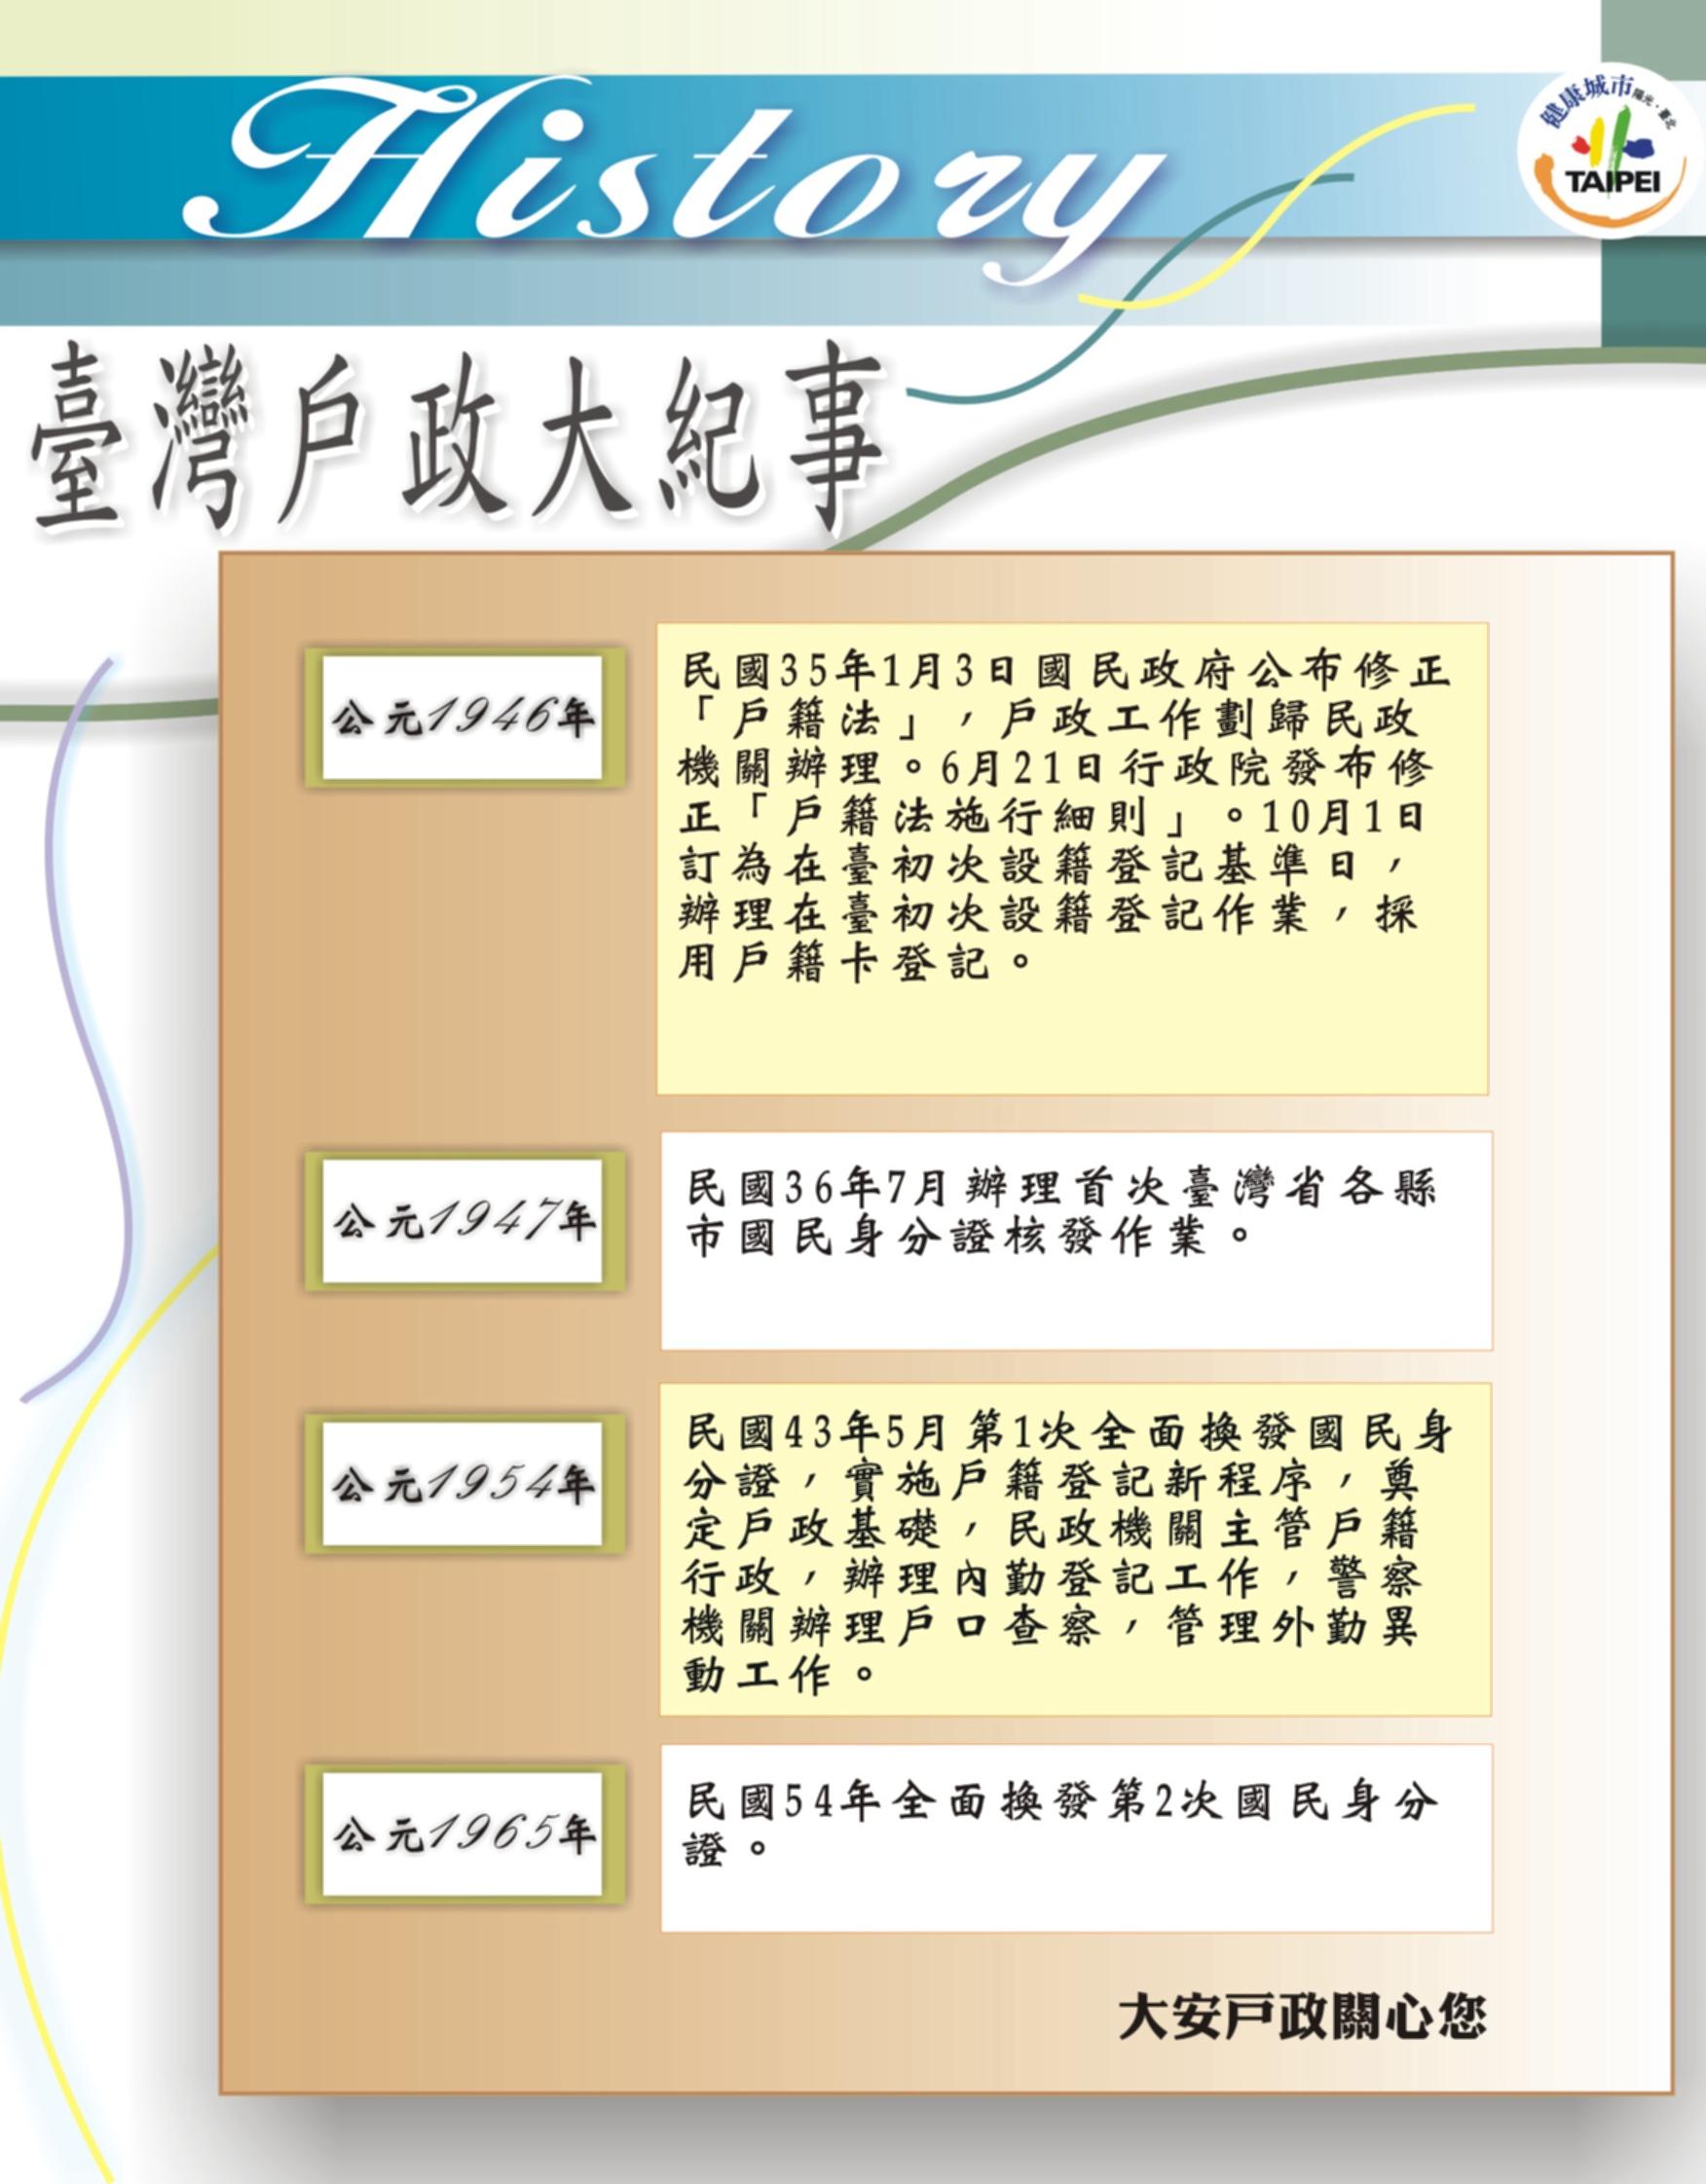 臺灣戶政大紀事公元1946-1965年,點擊此圖片會另開新視窗